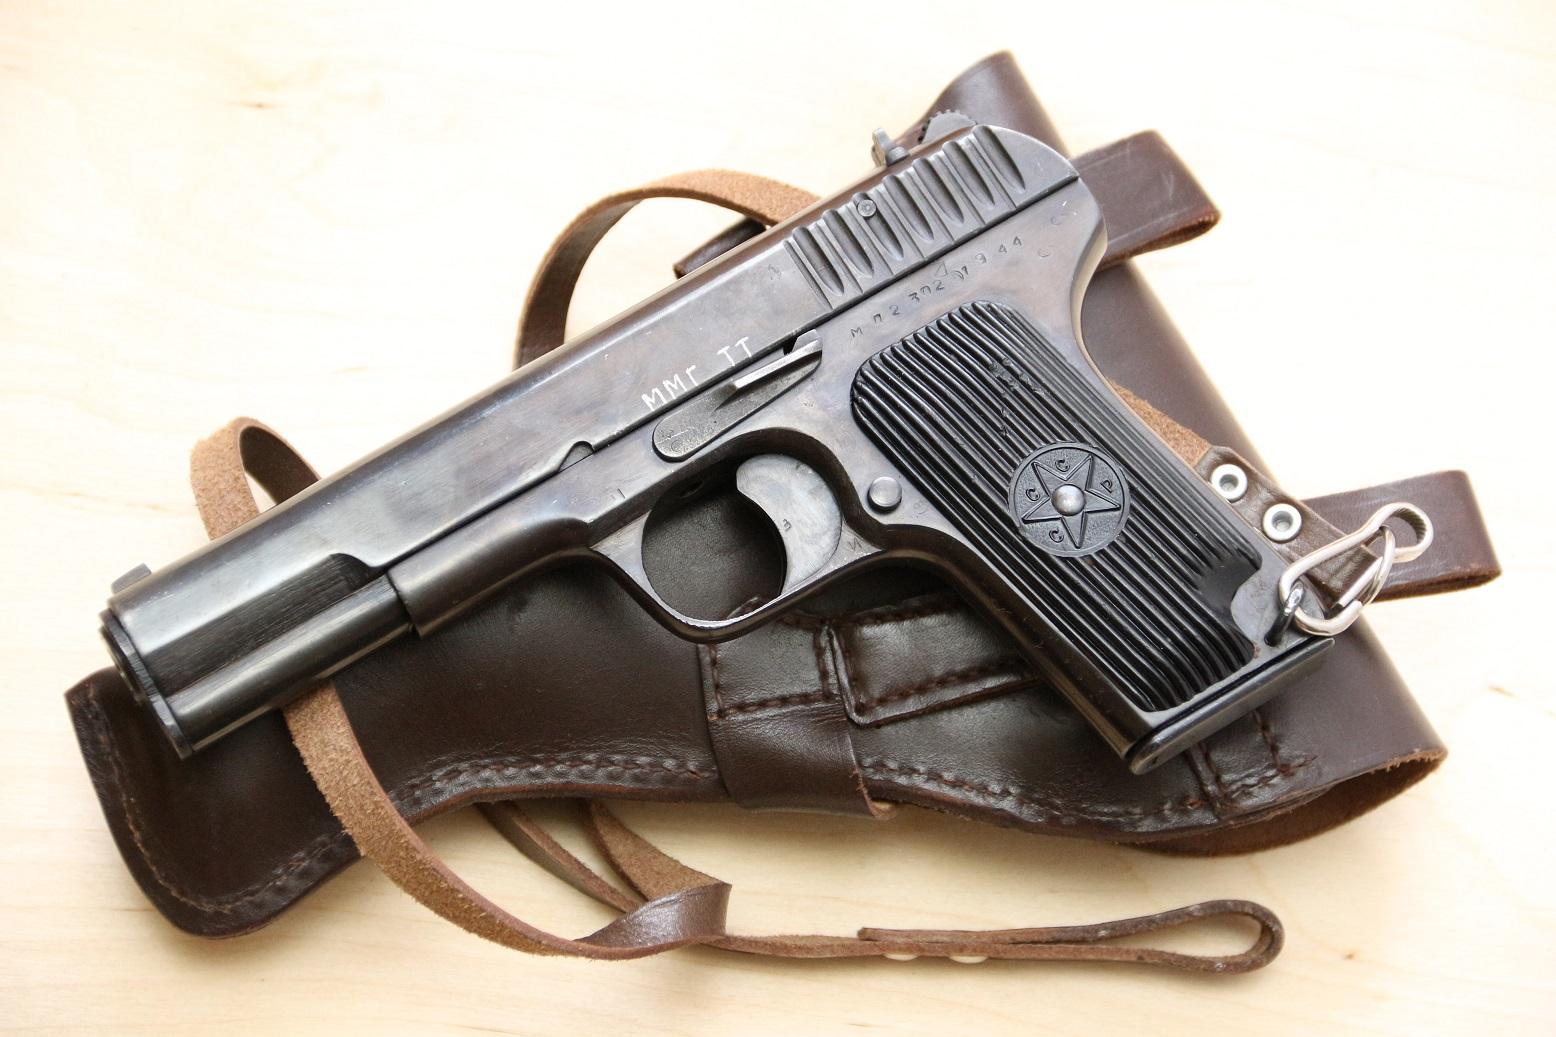 Фото Пистолет ТТ 1944 года, №МД2302